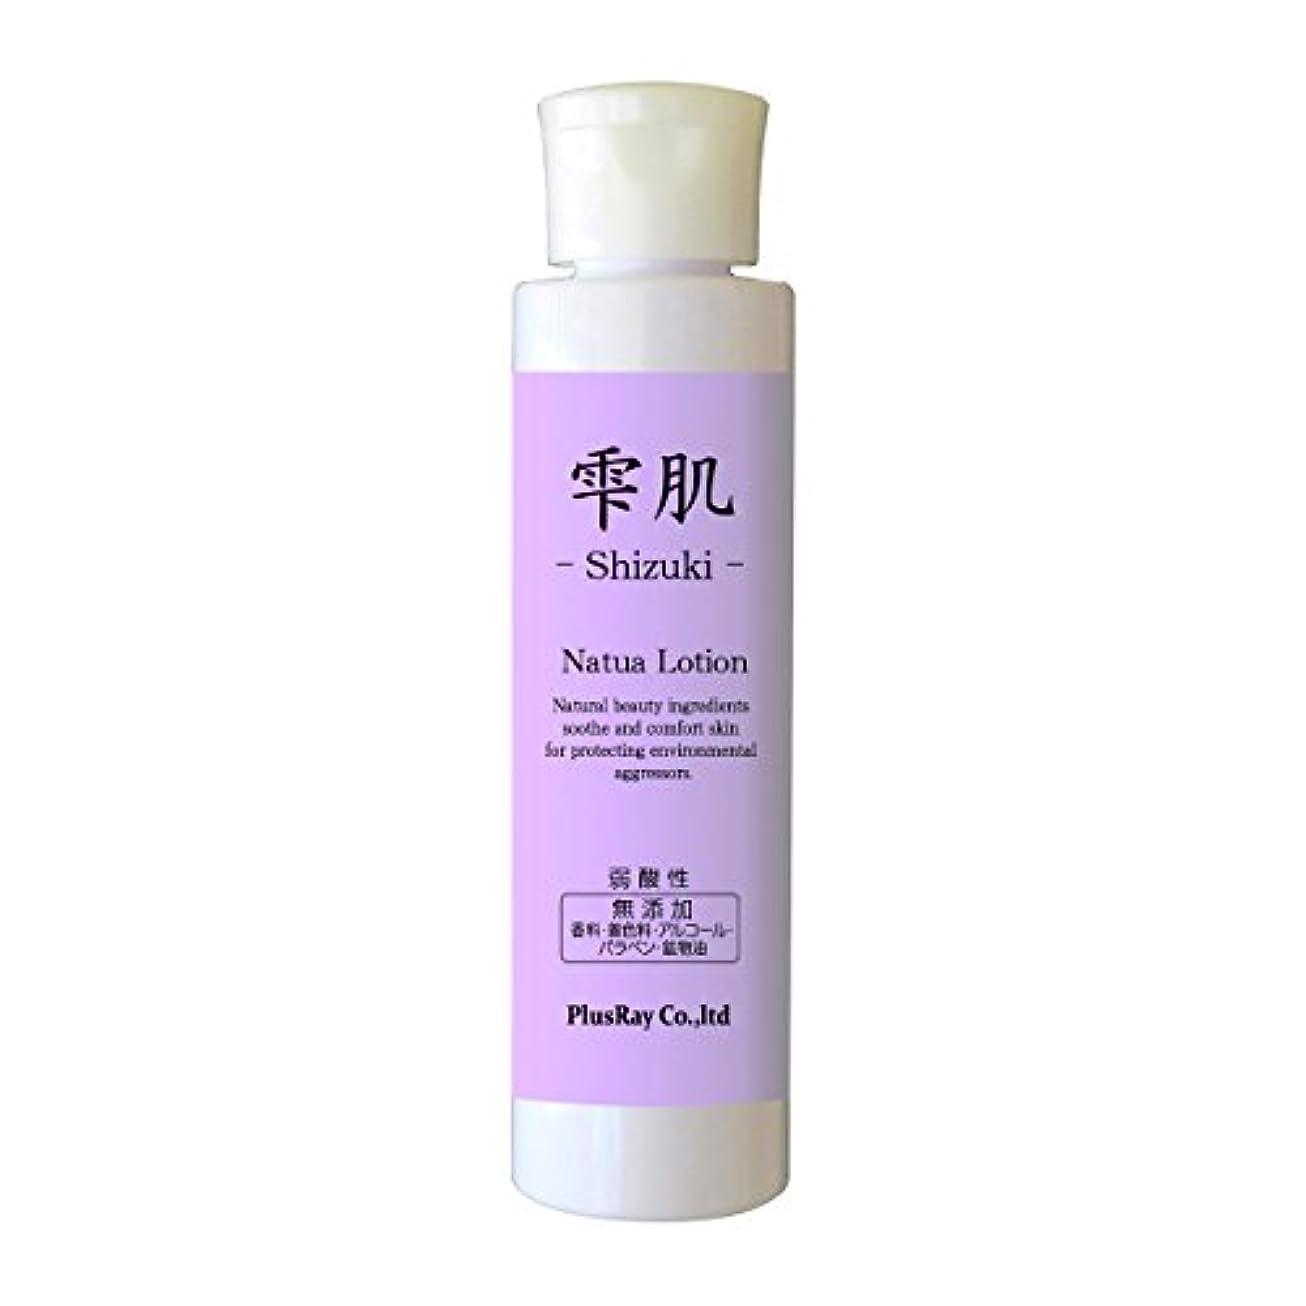 プラスレイ(PlusRay)化粧品 ナチュアローション 雫肌 しづき アズレン 化粧水